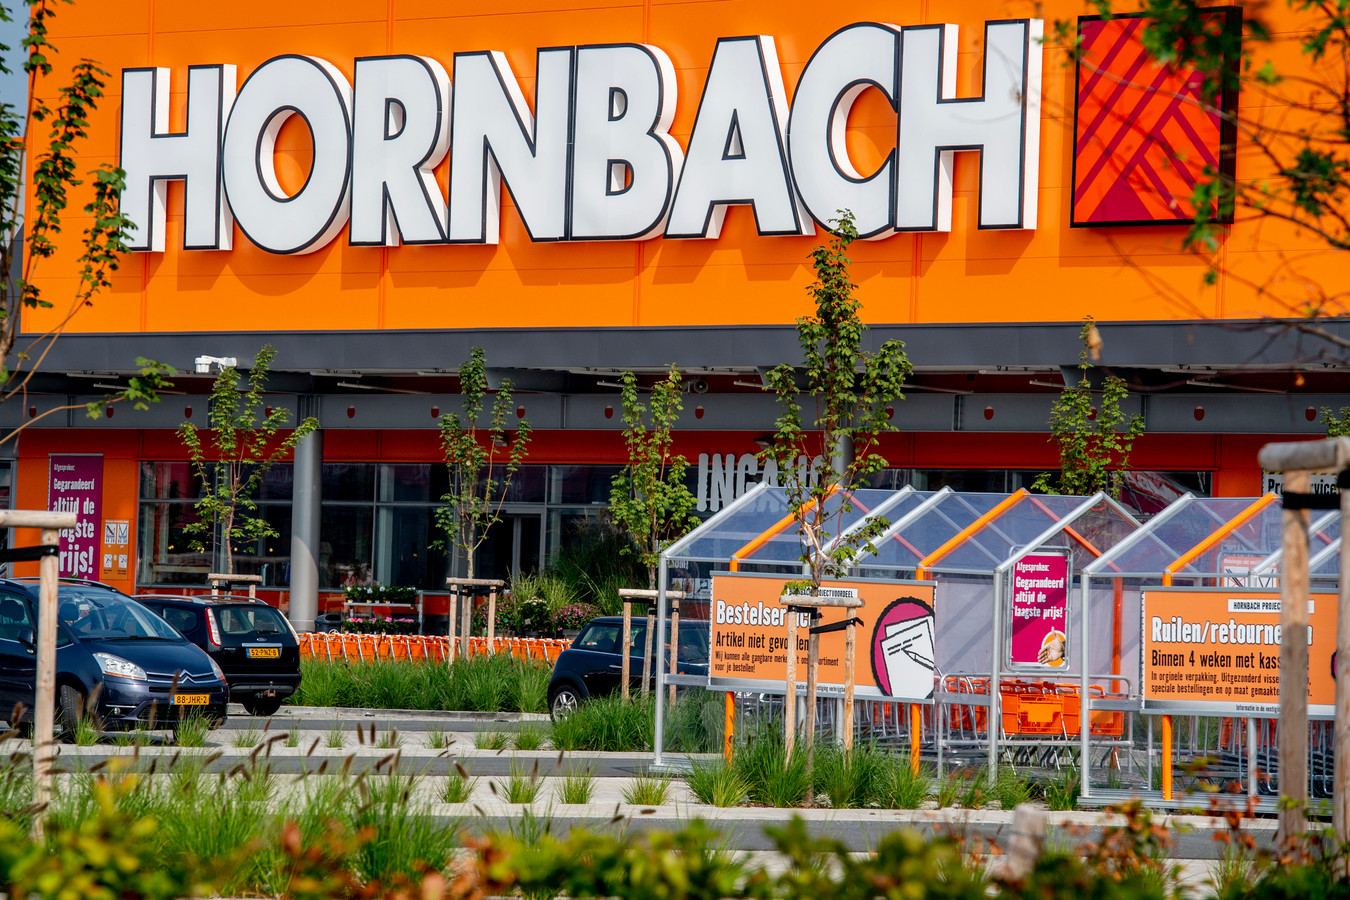 Hornbach heeft al 150 vestigingen in heel Europa en wil nu ook in Ressen neerstrijken. Op de foto het filiaal in Zwolle.